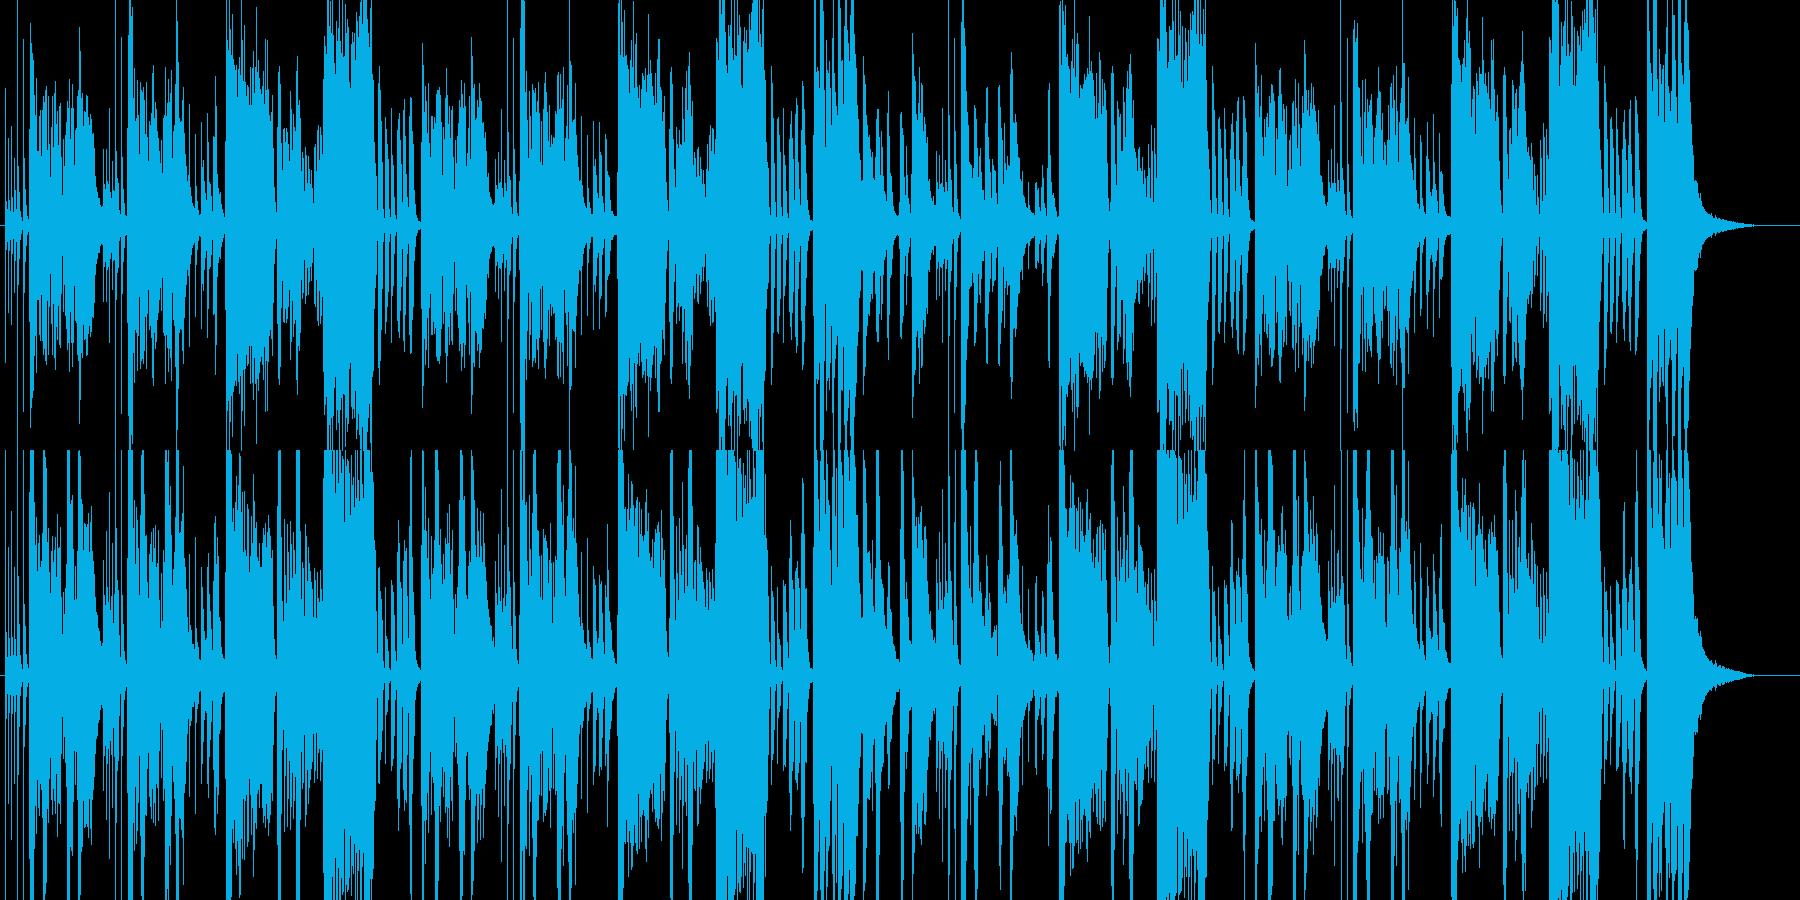 コミカルで楽しげなオーケストラの再生済みの波形